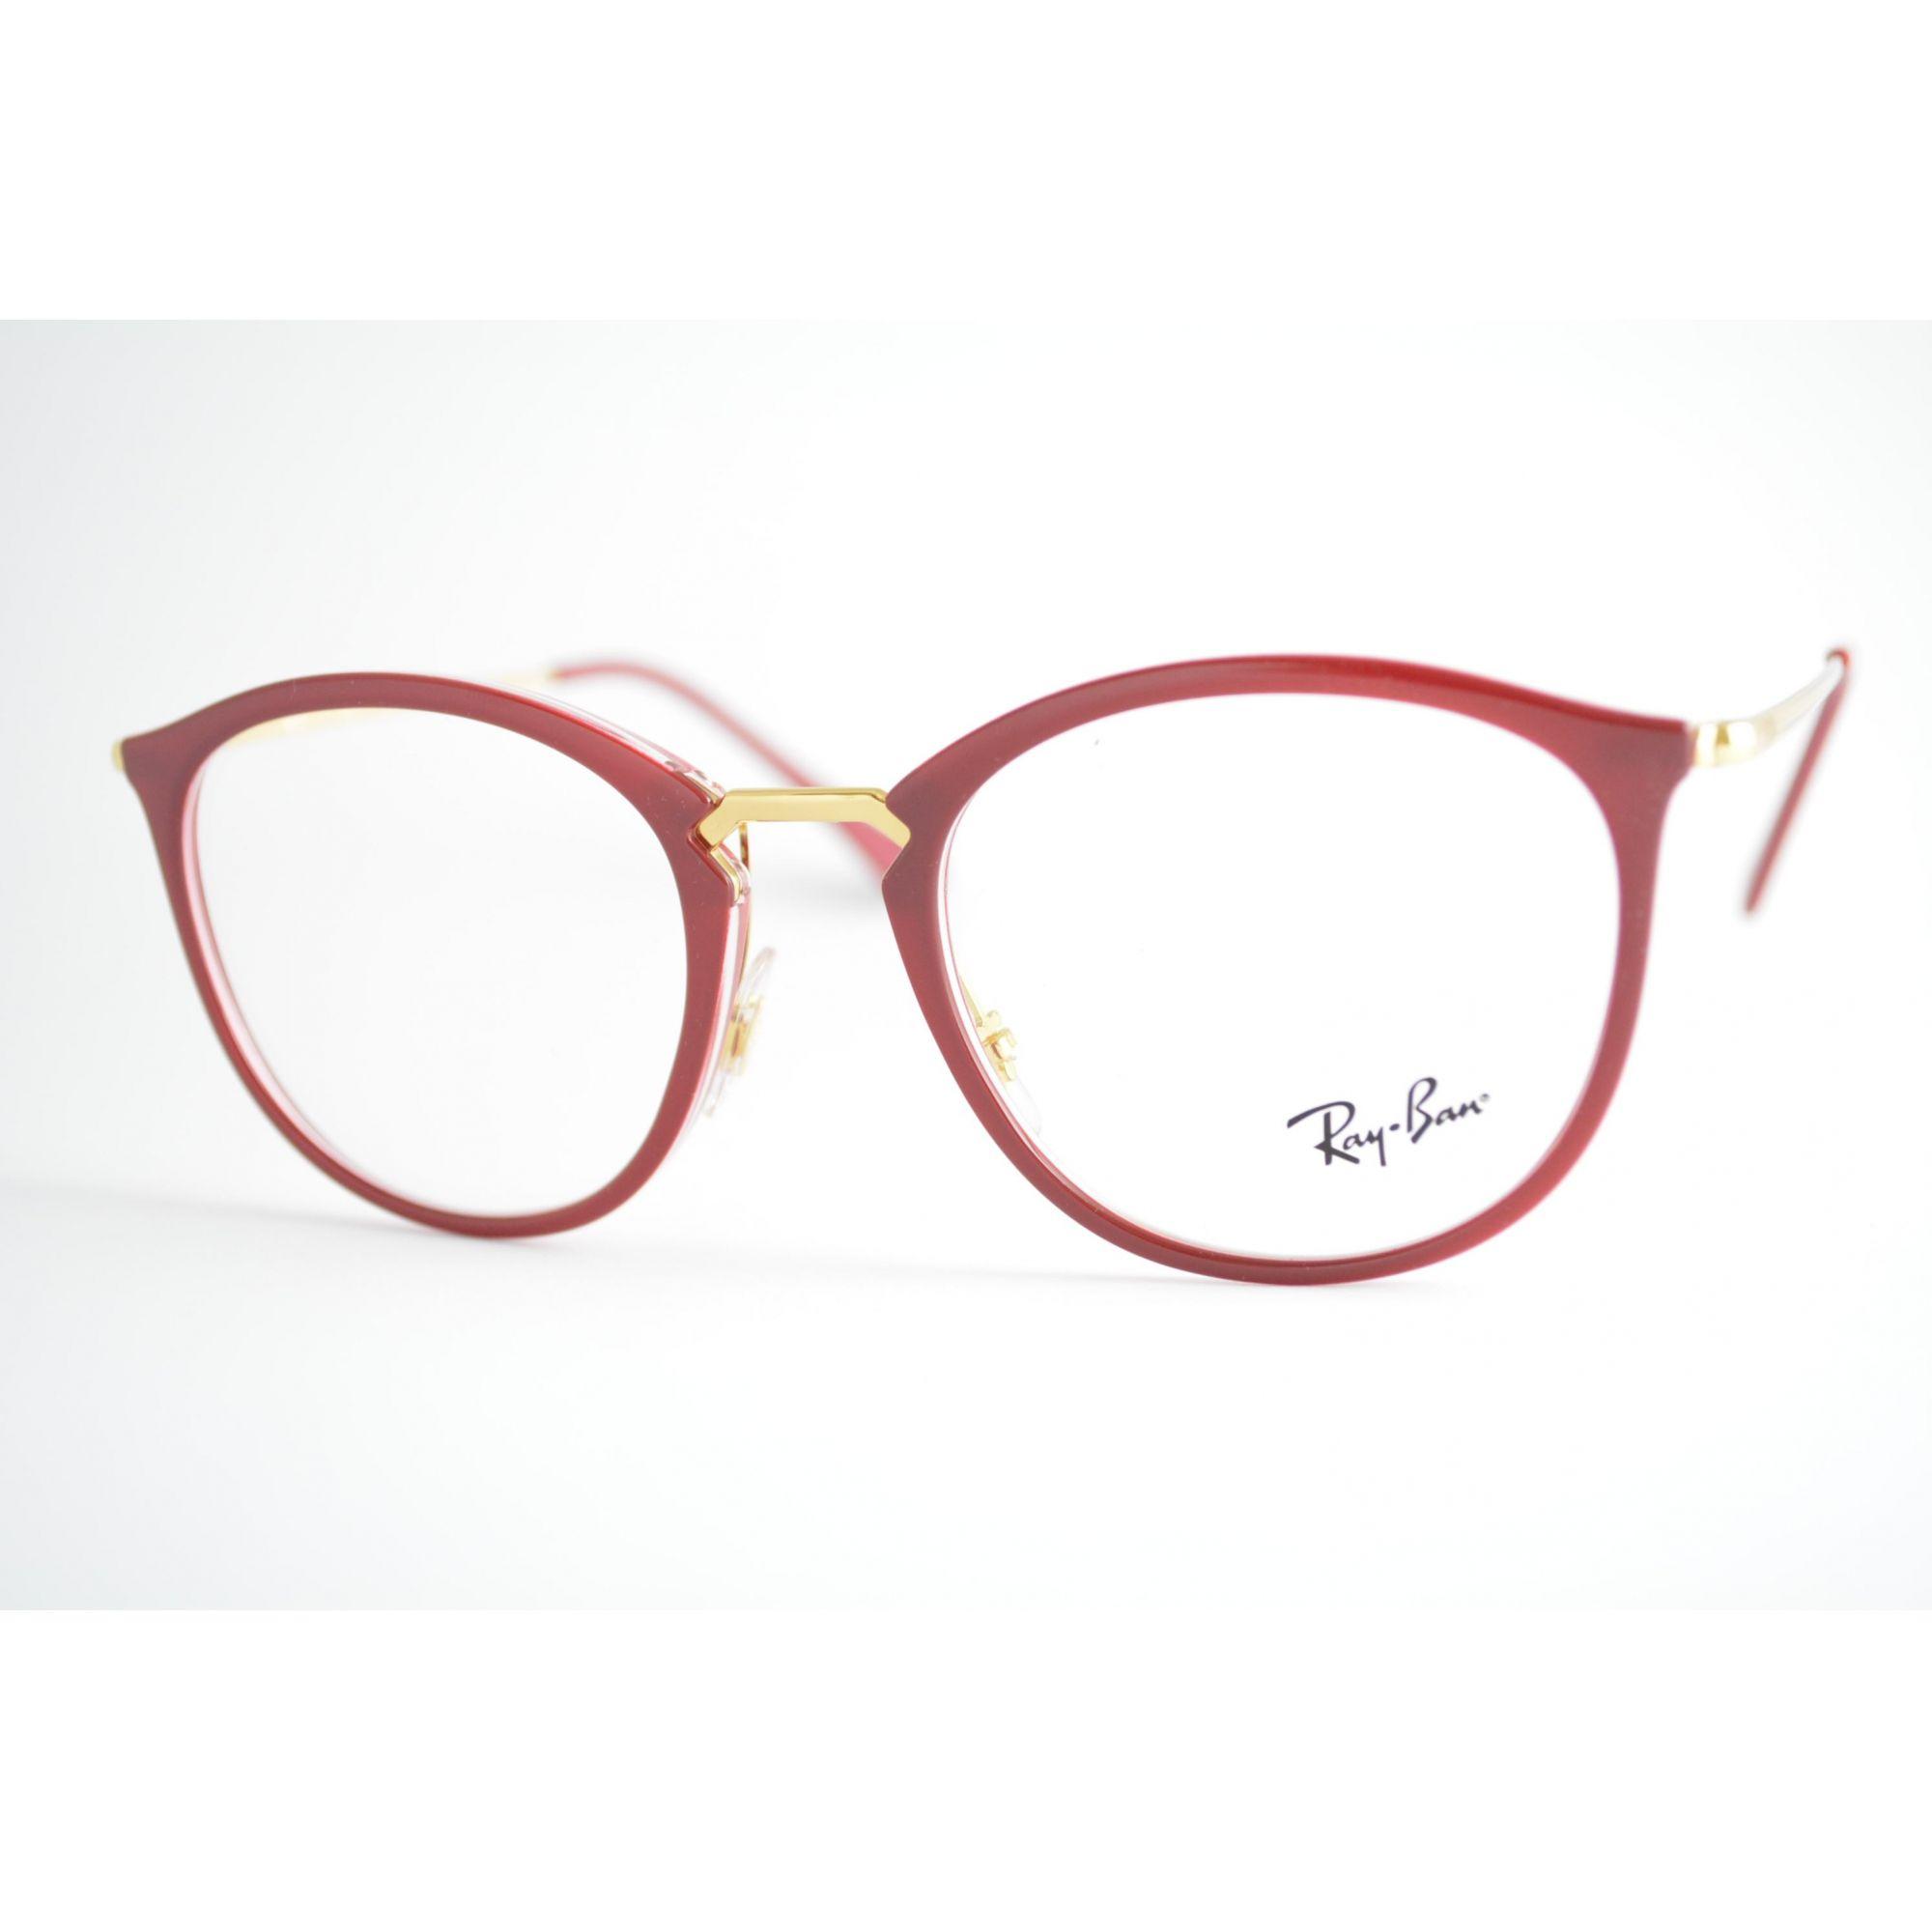 8a3eb89a3 Armação Óculos de Grau Ray-Ban RB7140 5854 - Omega Ótica e Relojoaria